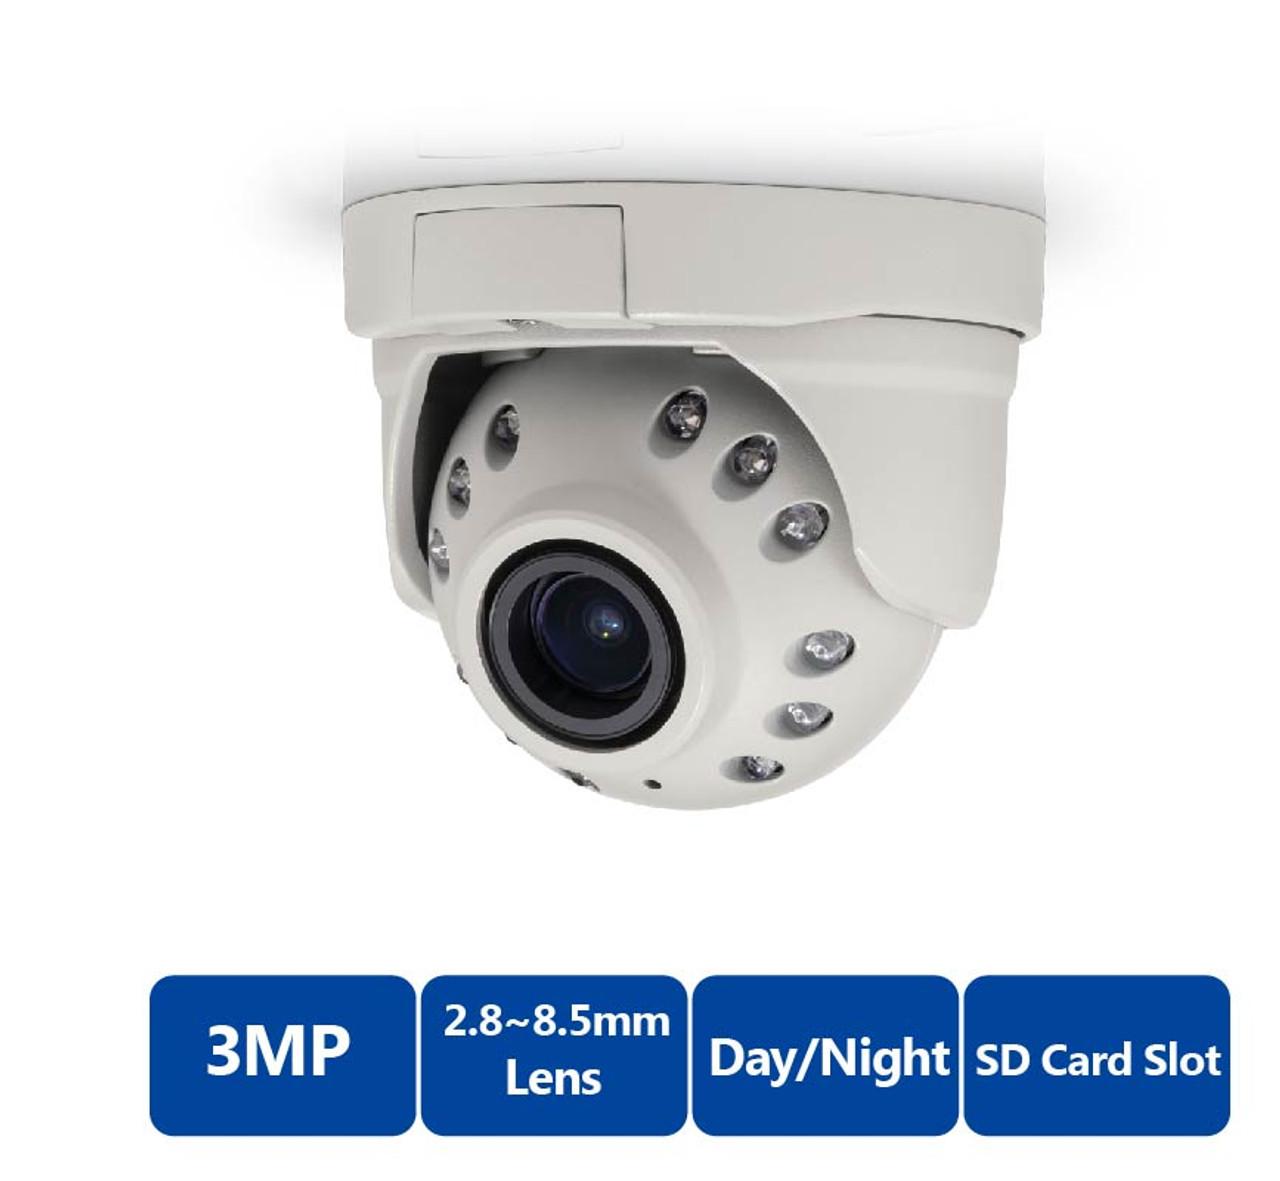 ARECONT VISION AV3245PMIR-SB-LG IP CAMERA DRIVER FOR WINDOWS